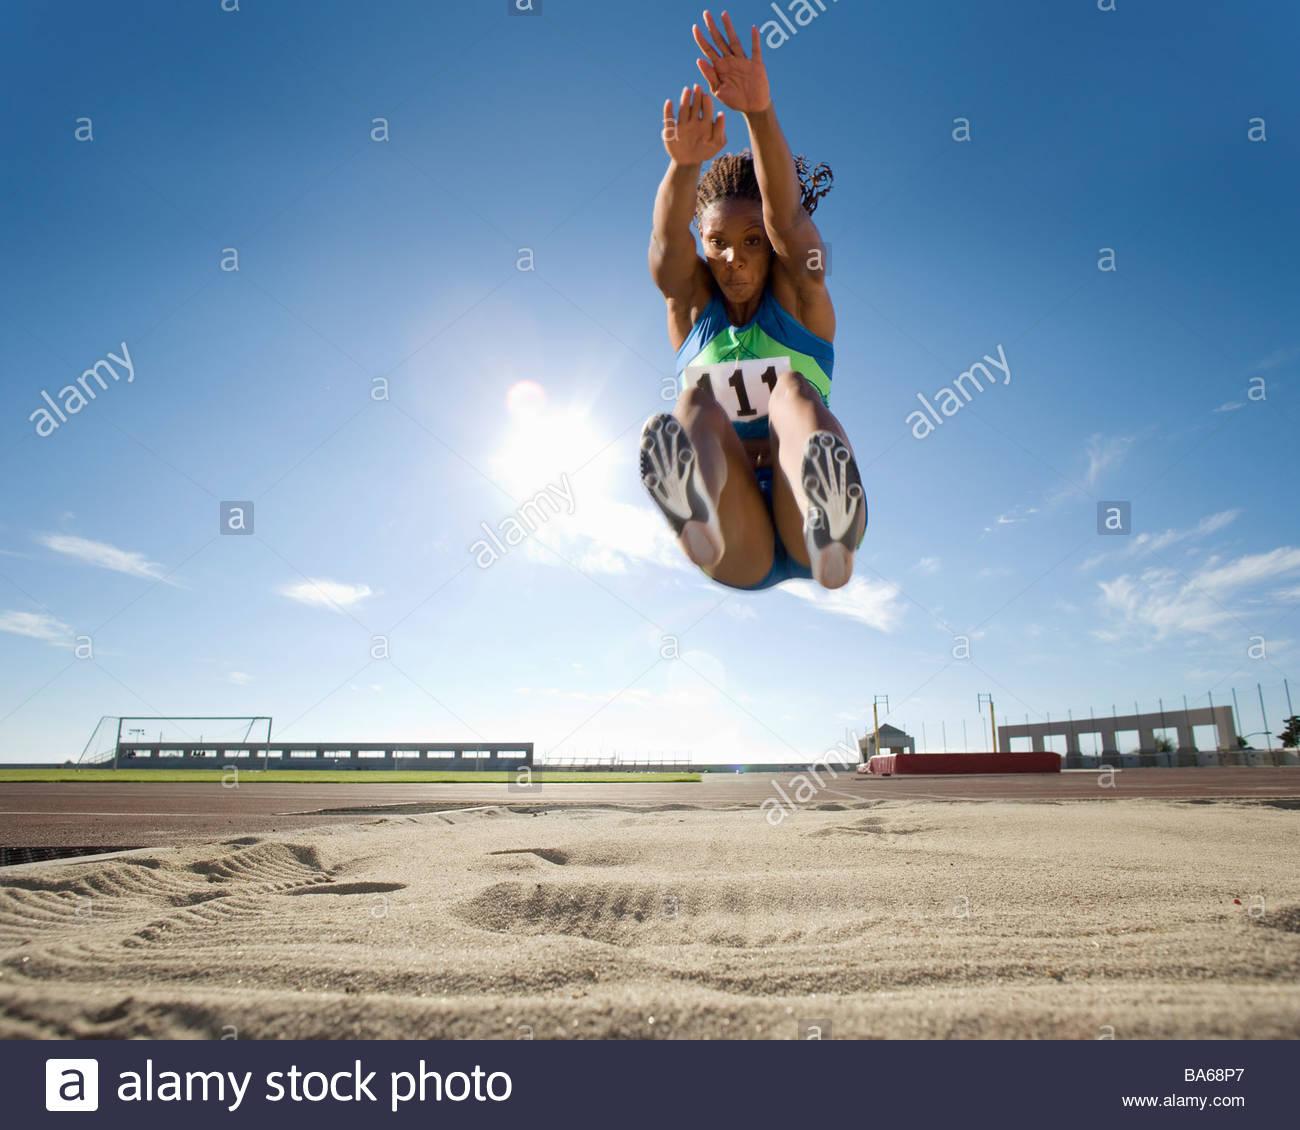 Athlète féminine de l'Afrique de l'air durant le saut en longueur Photo Stock